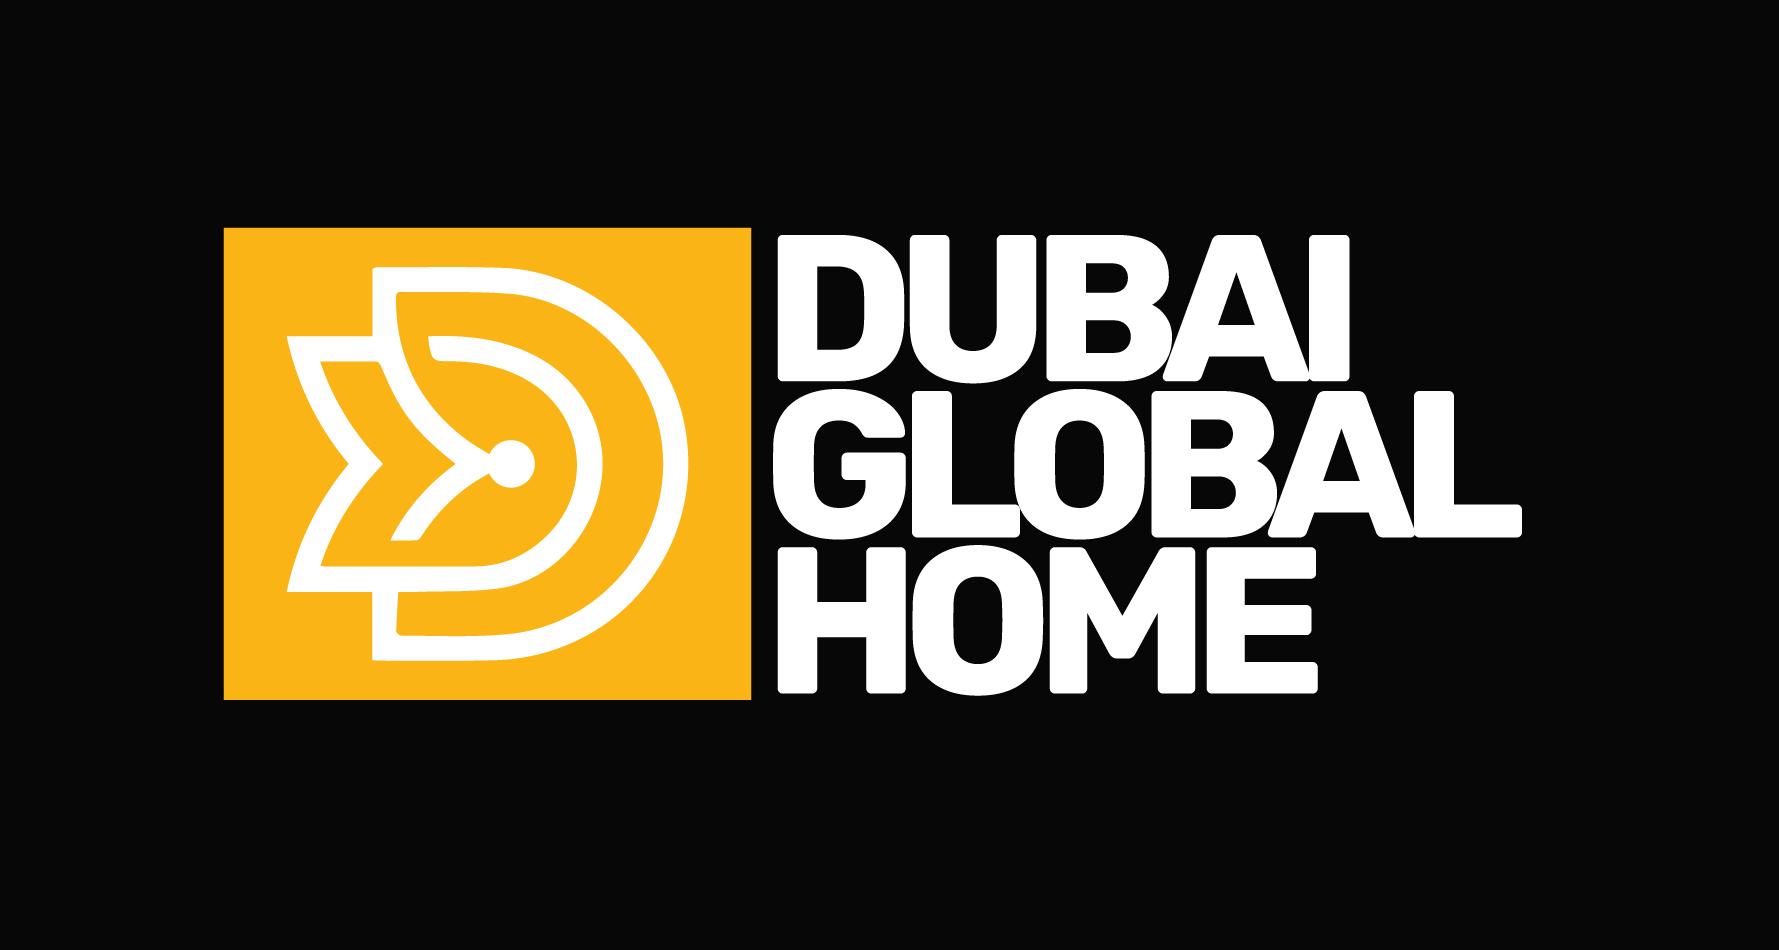 يوفر منزل دبي العالمي فرصًا جديدة للسريلانكيين في الإمارات العربية المتحدة